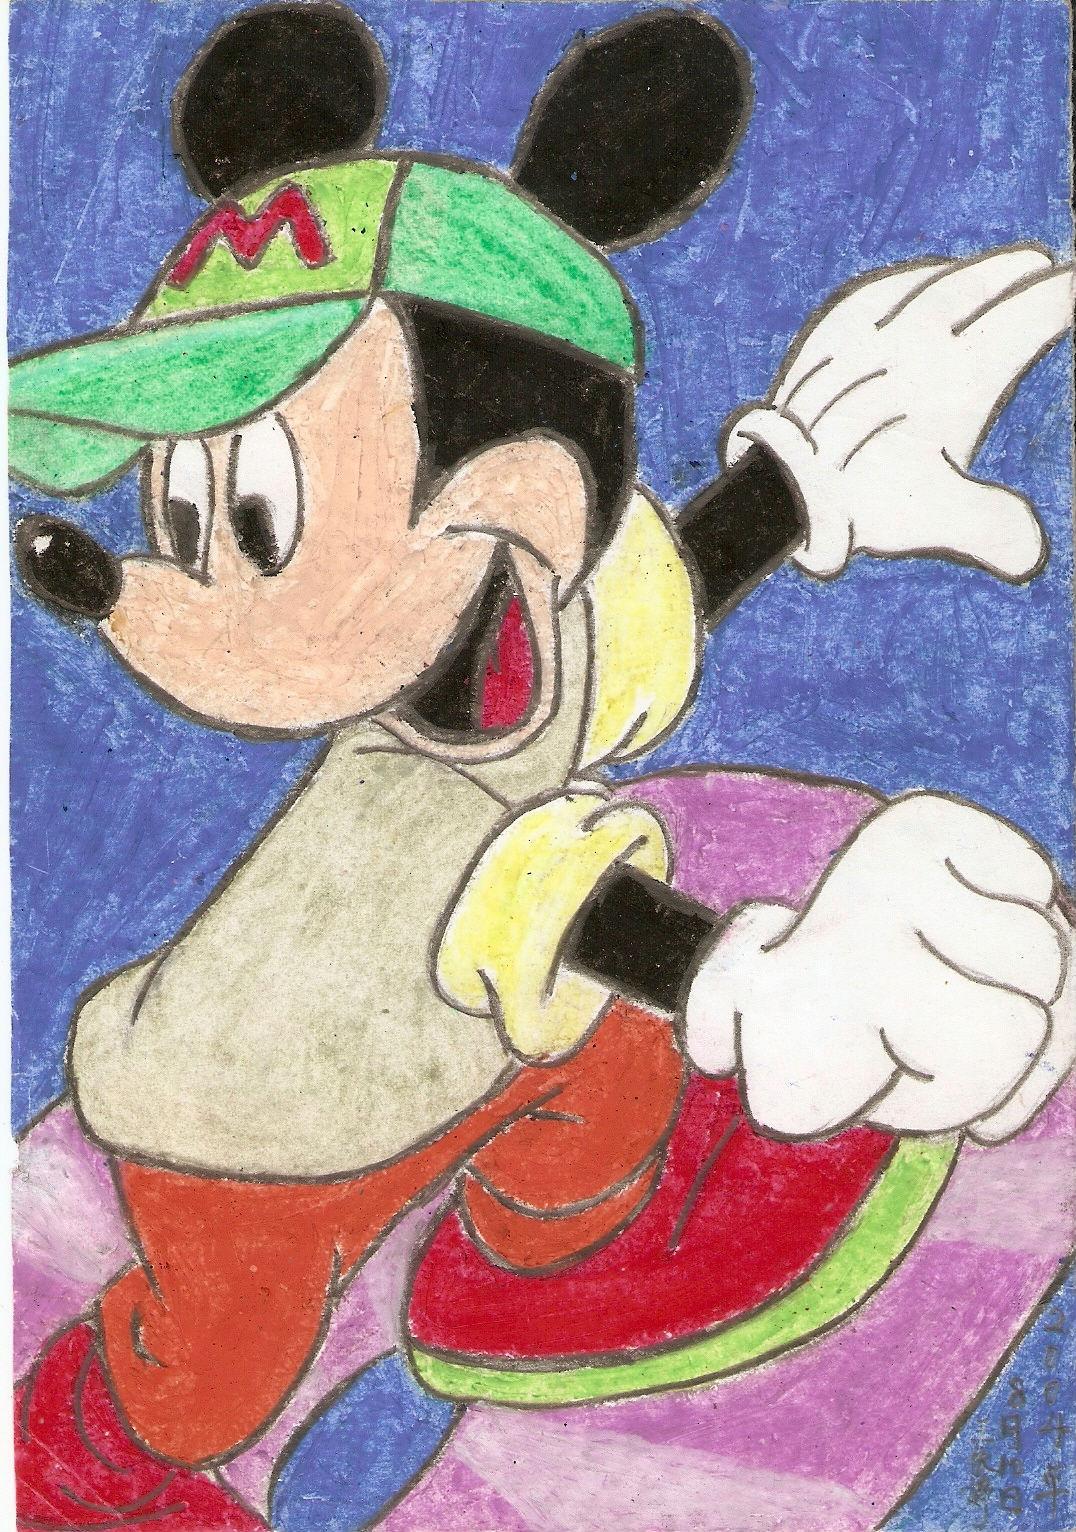 米老鼠和唐老鸭画画_米老鼠和唐老鸭绘画_米老鼠和唐老鸭图画图片